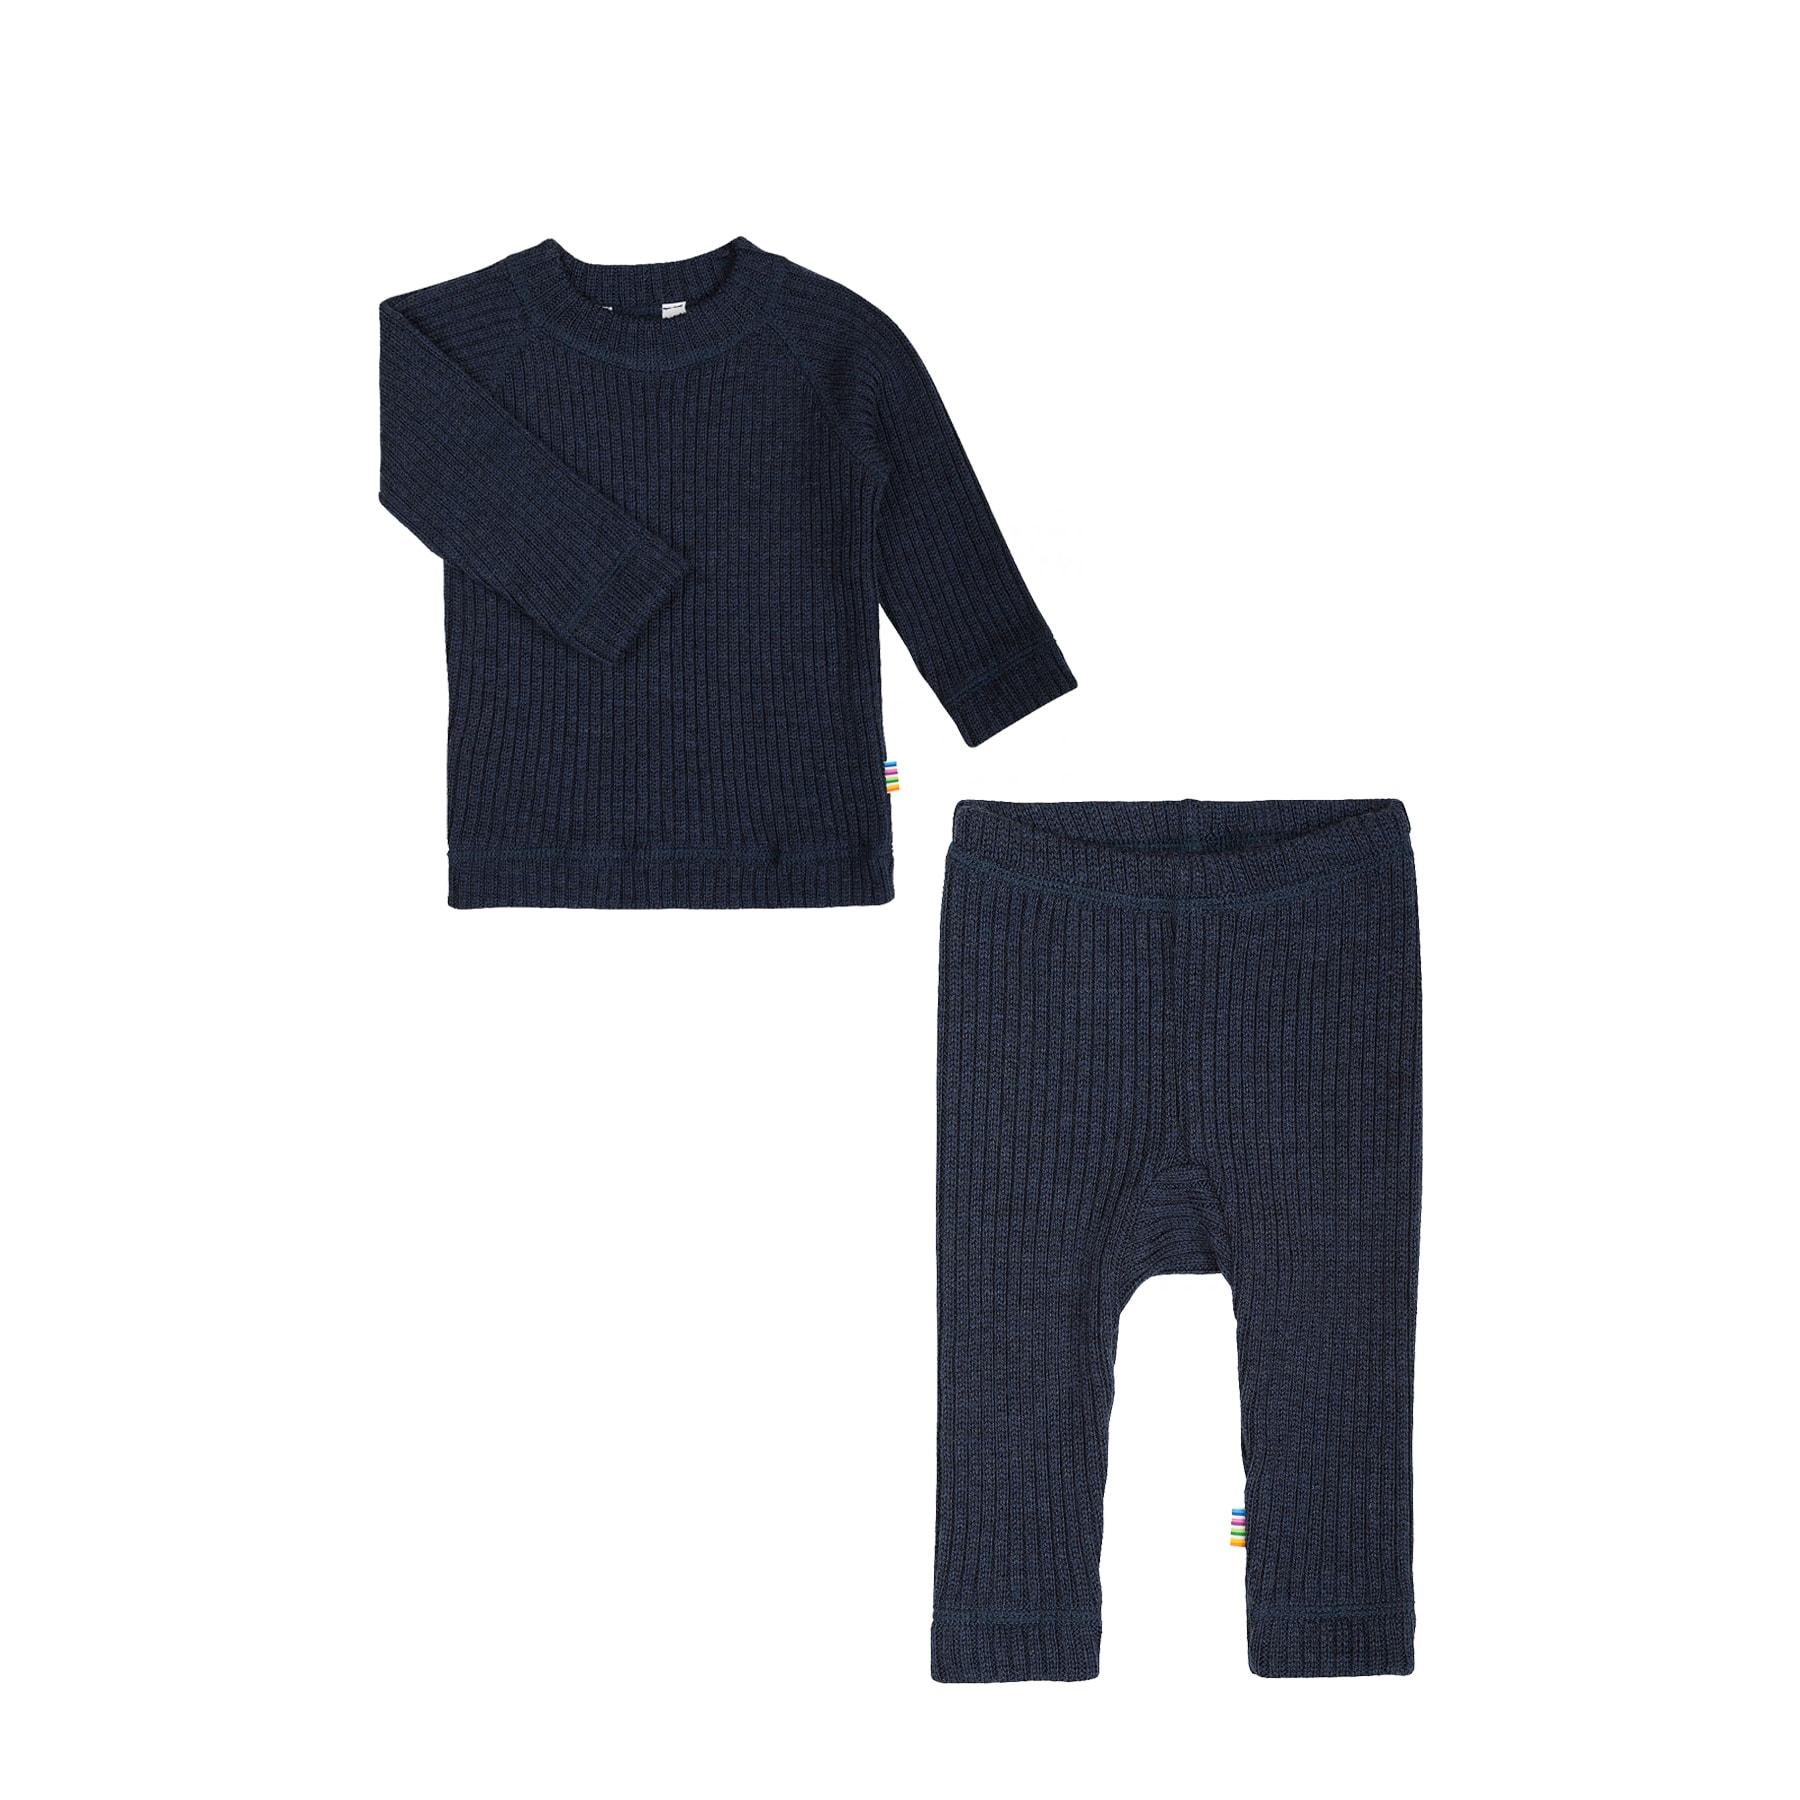 deca823c Bluse og bukser i uld - Tyk uld i ribstrik - fra Joha - Mørkeblå